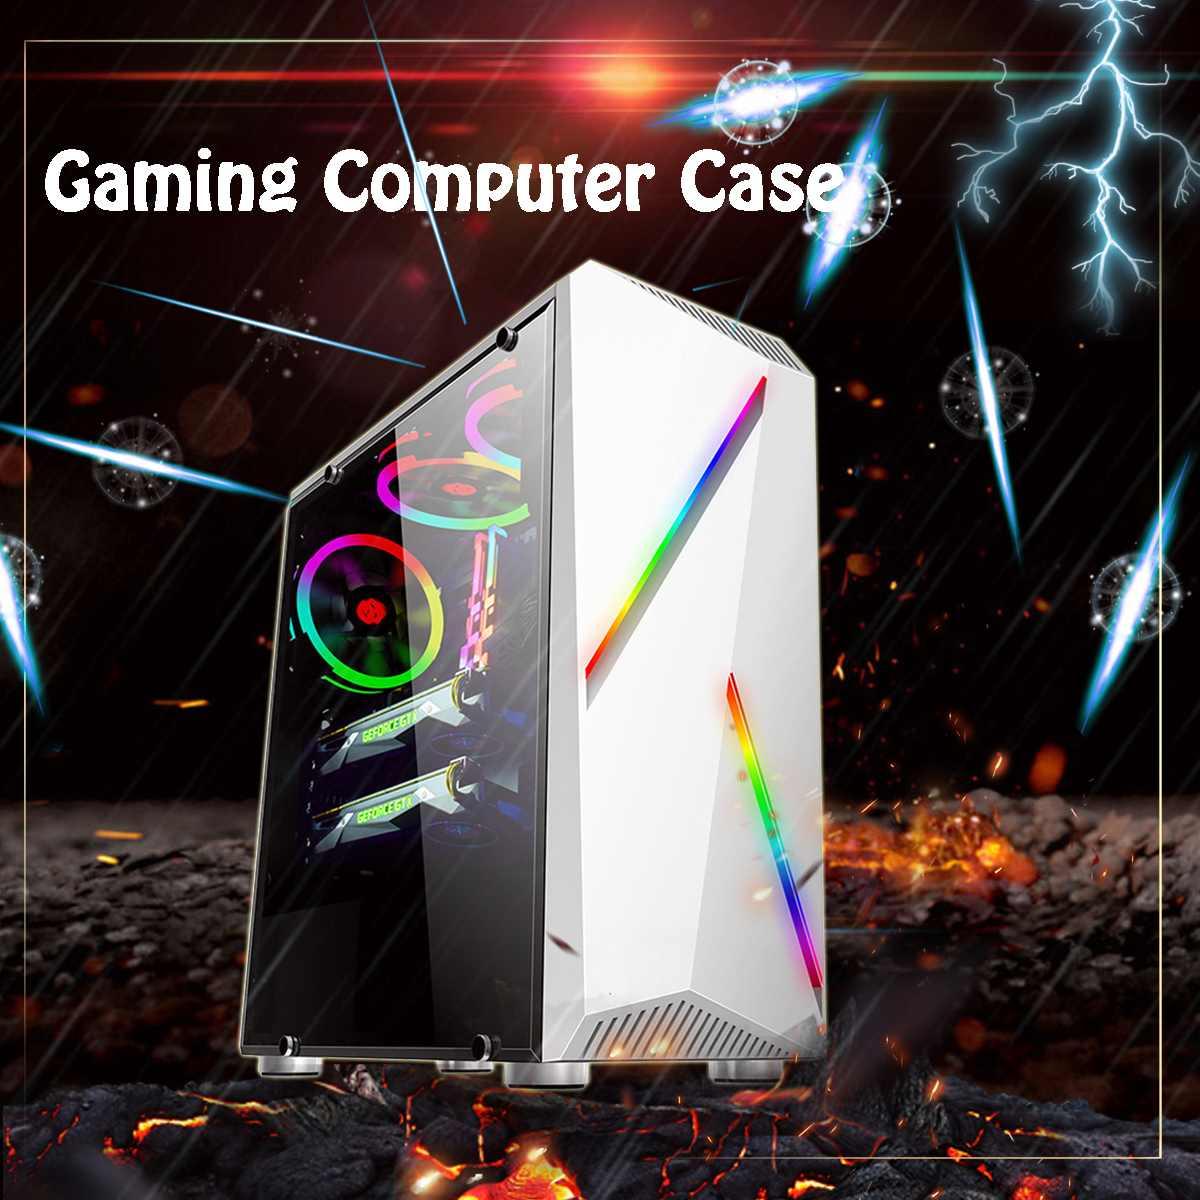 S SKYEE funda de ordenador Transparente torre de juegos ATX Audio con 2 tiras de luz RGB que cambian de Color 350X170X420mm